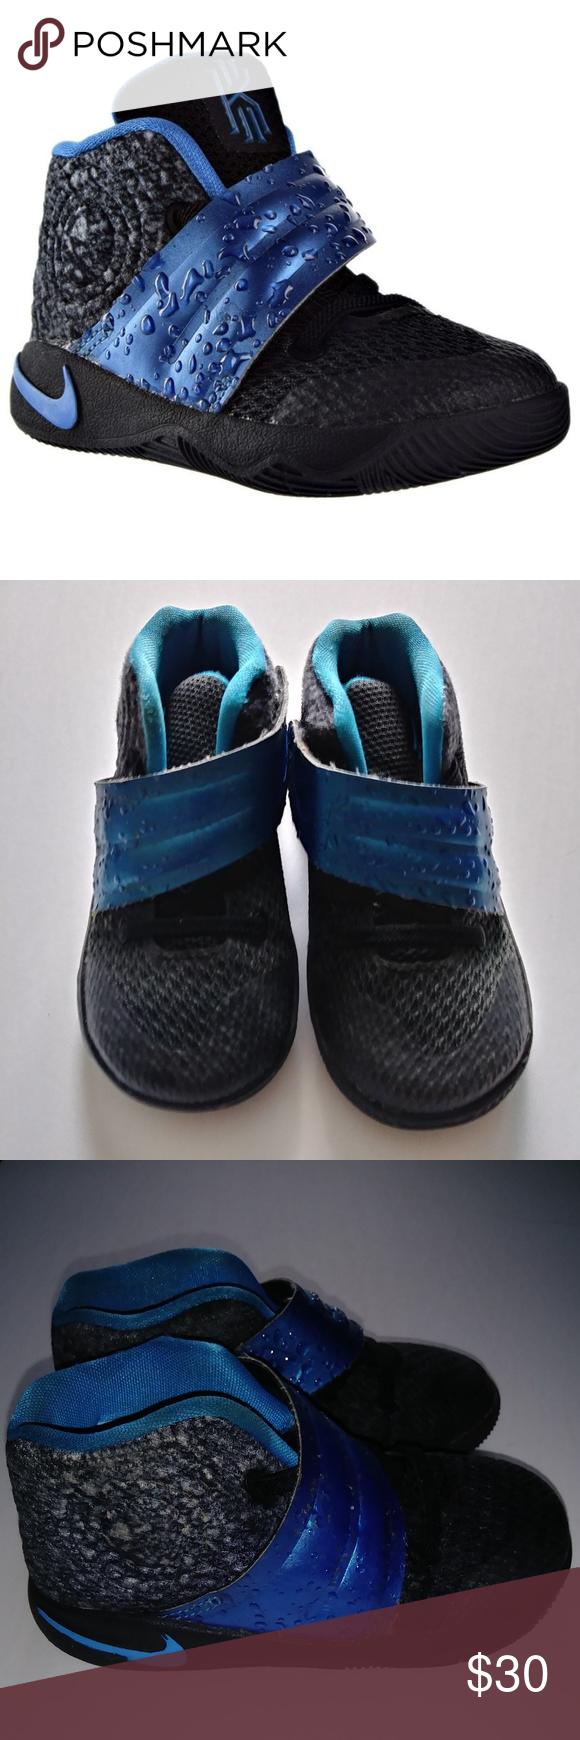 289 Nike Kyrie 2 Water Drop Black